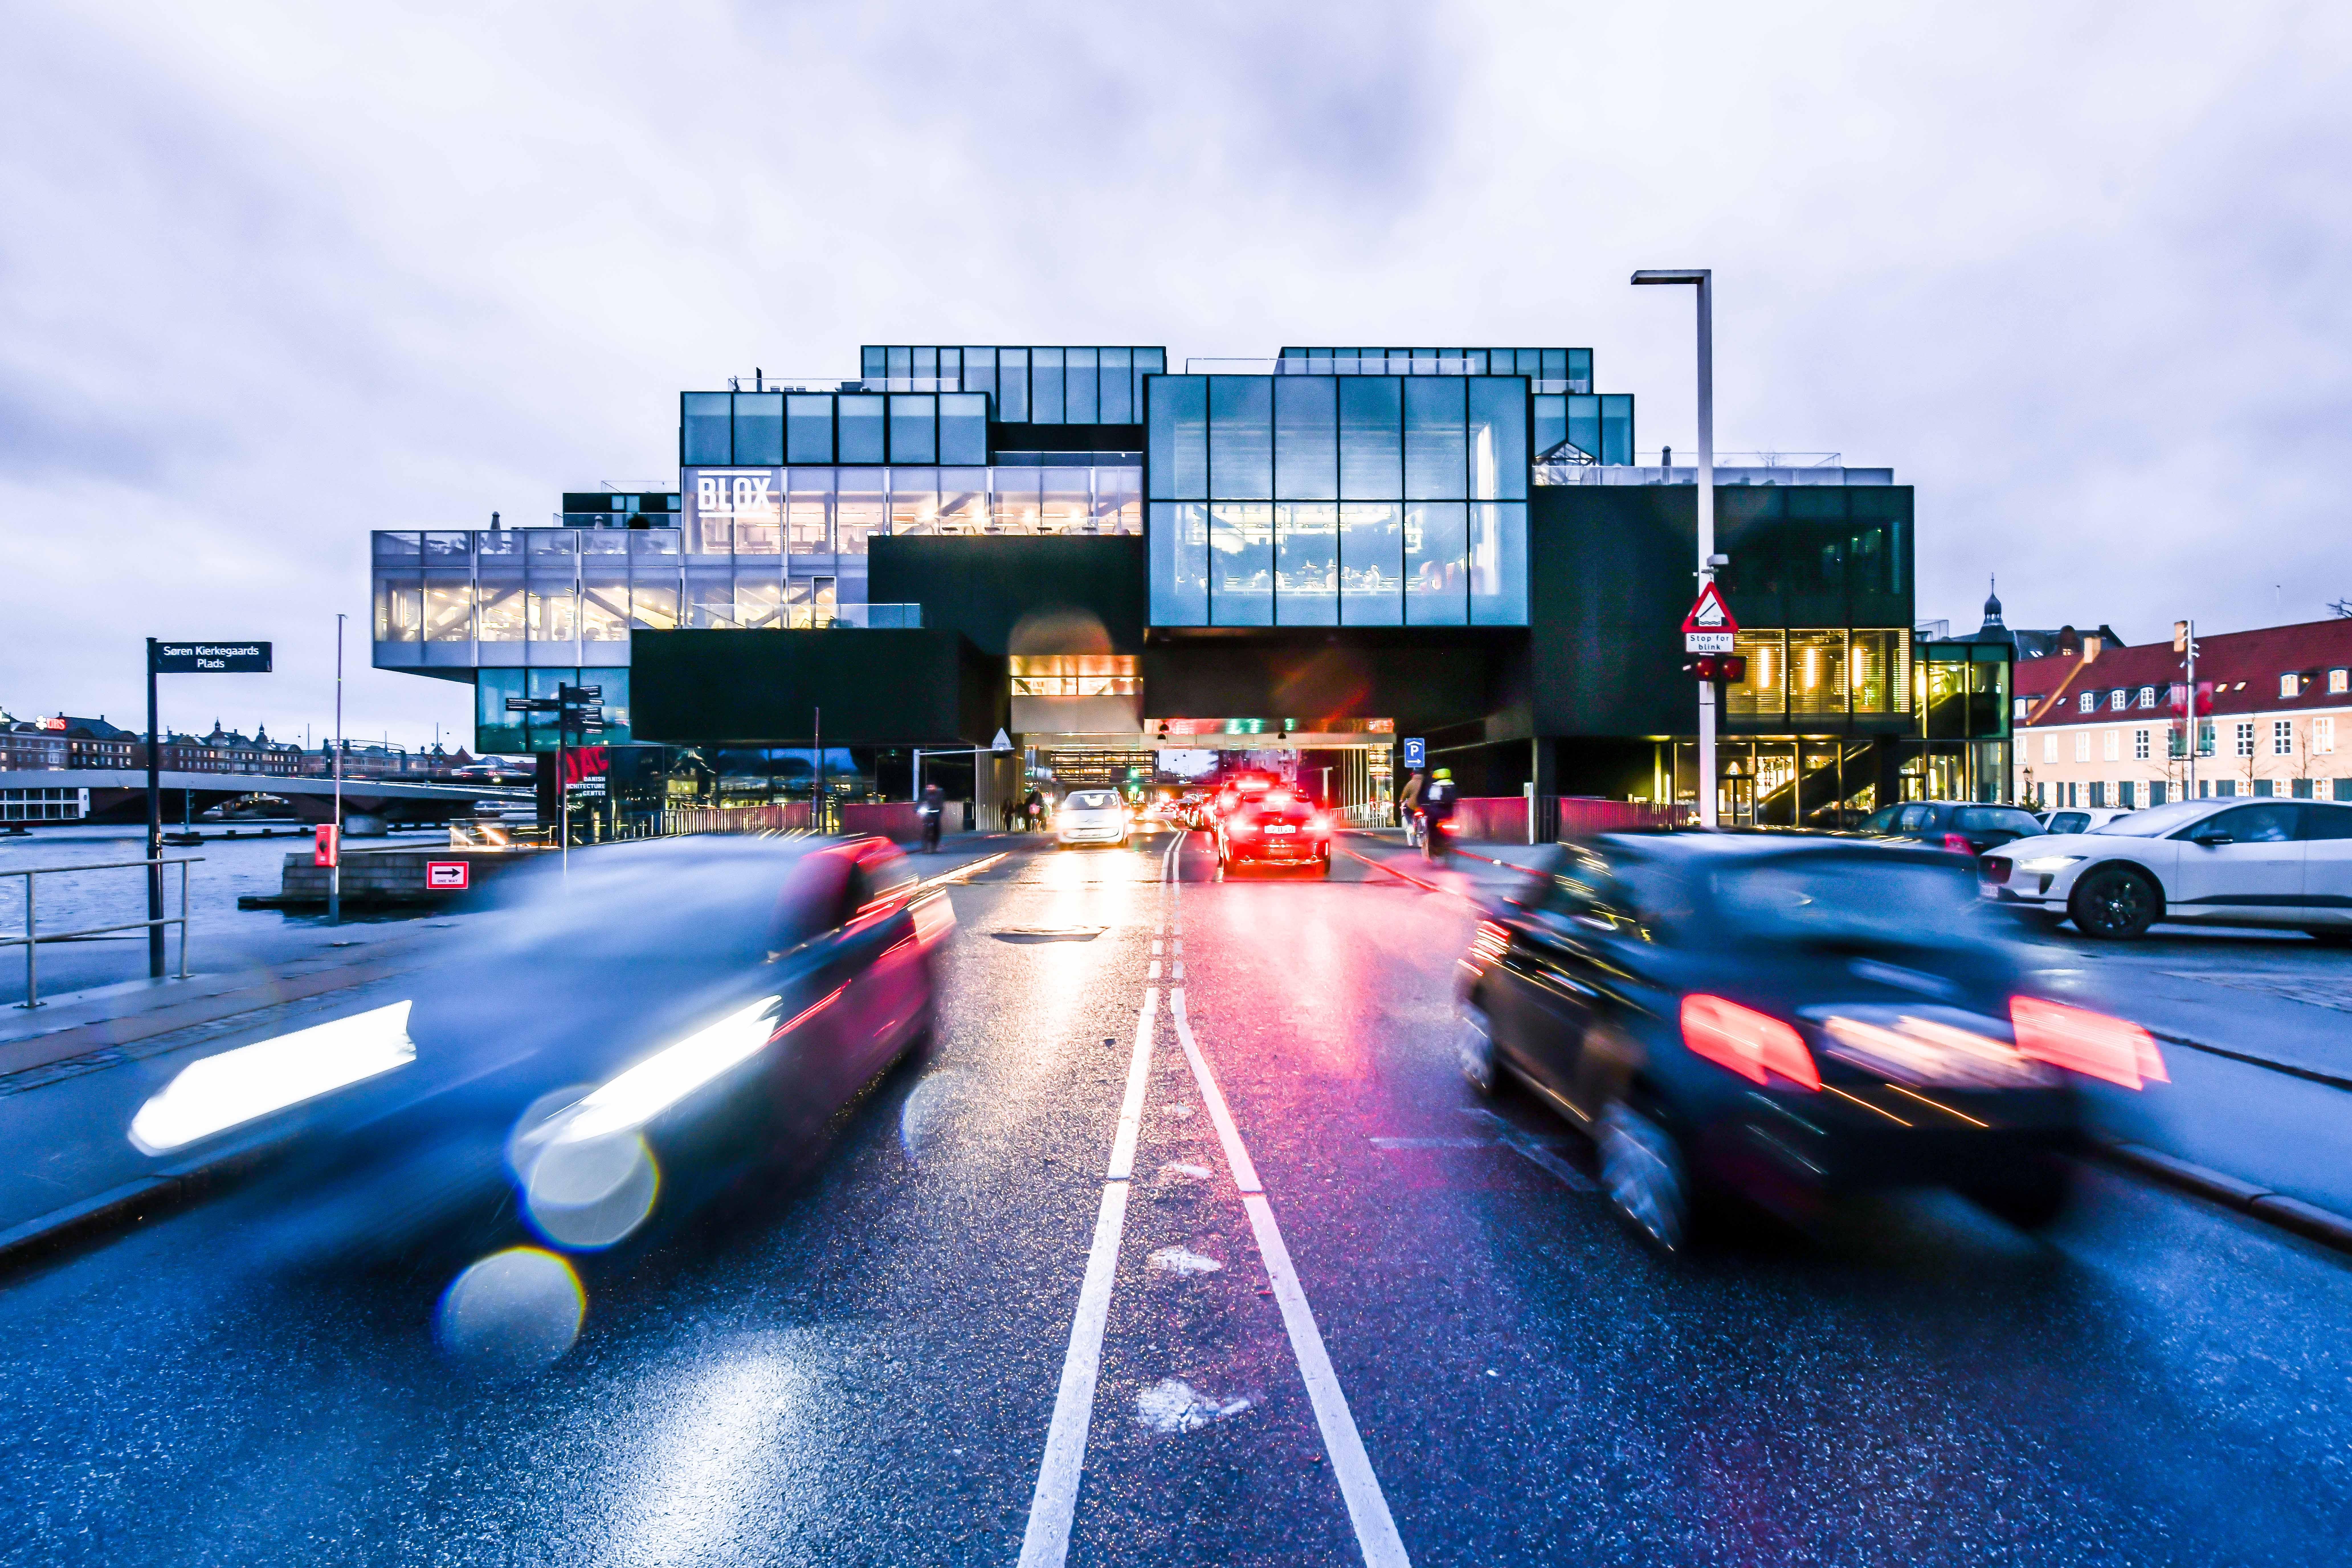 BMW Group, FIZ Future, BMW Projekthaus Nord, HENN, München, Nicolai Schneider